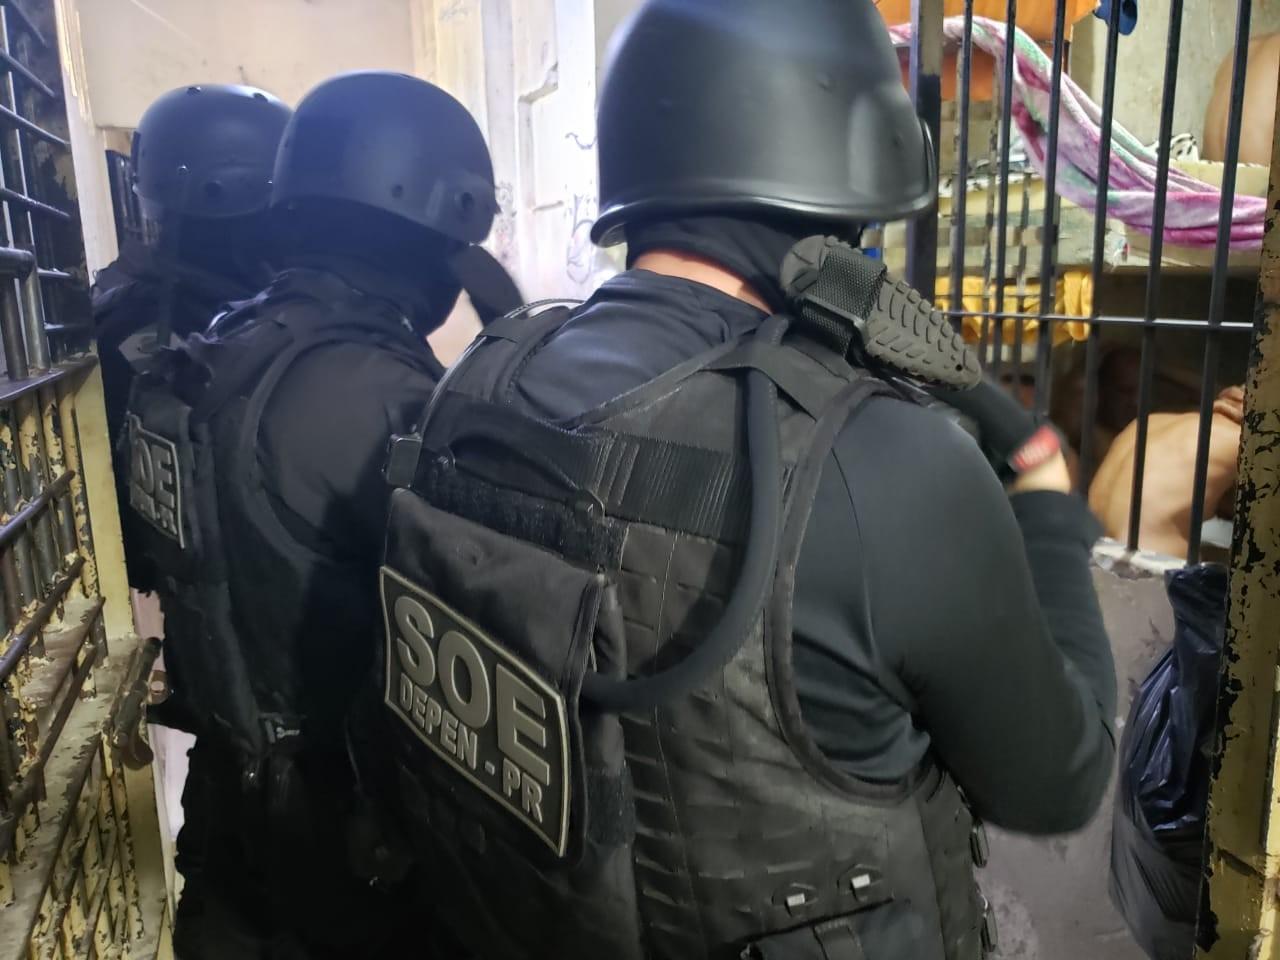 Fugas são frustradas nas cadeias públicas de Maringá e Sarandi